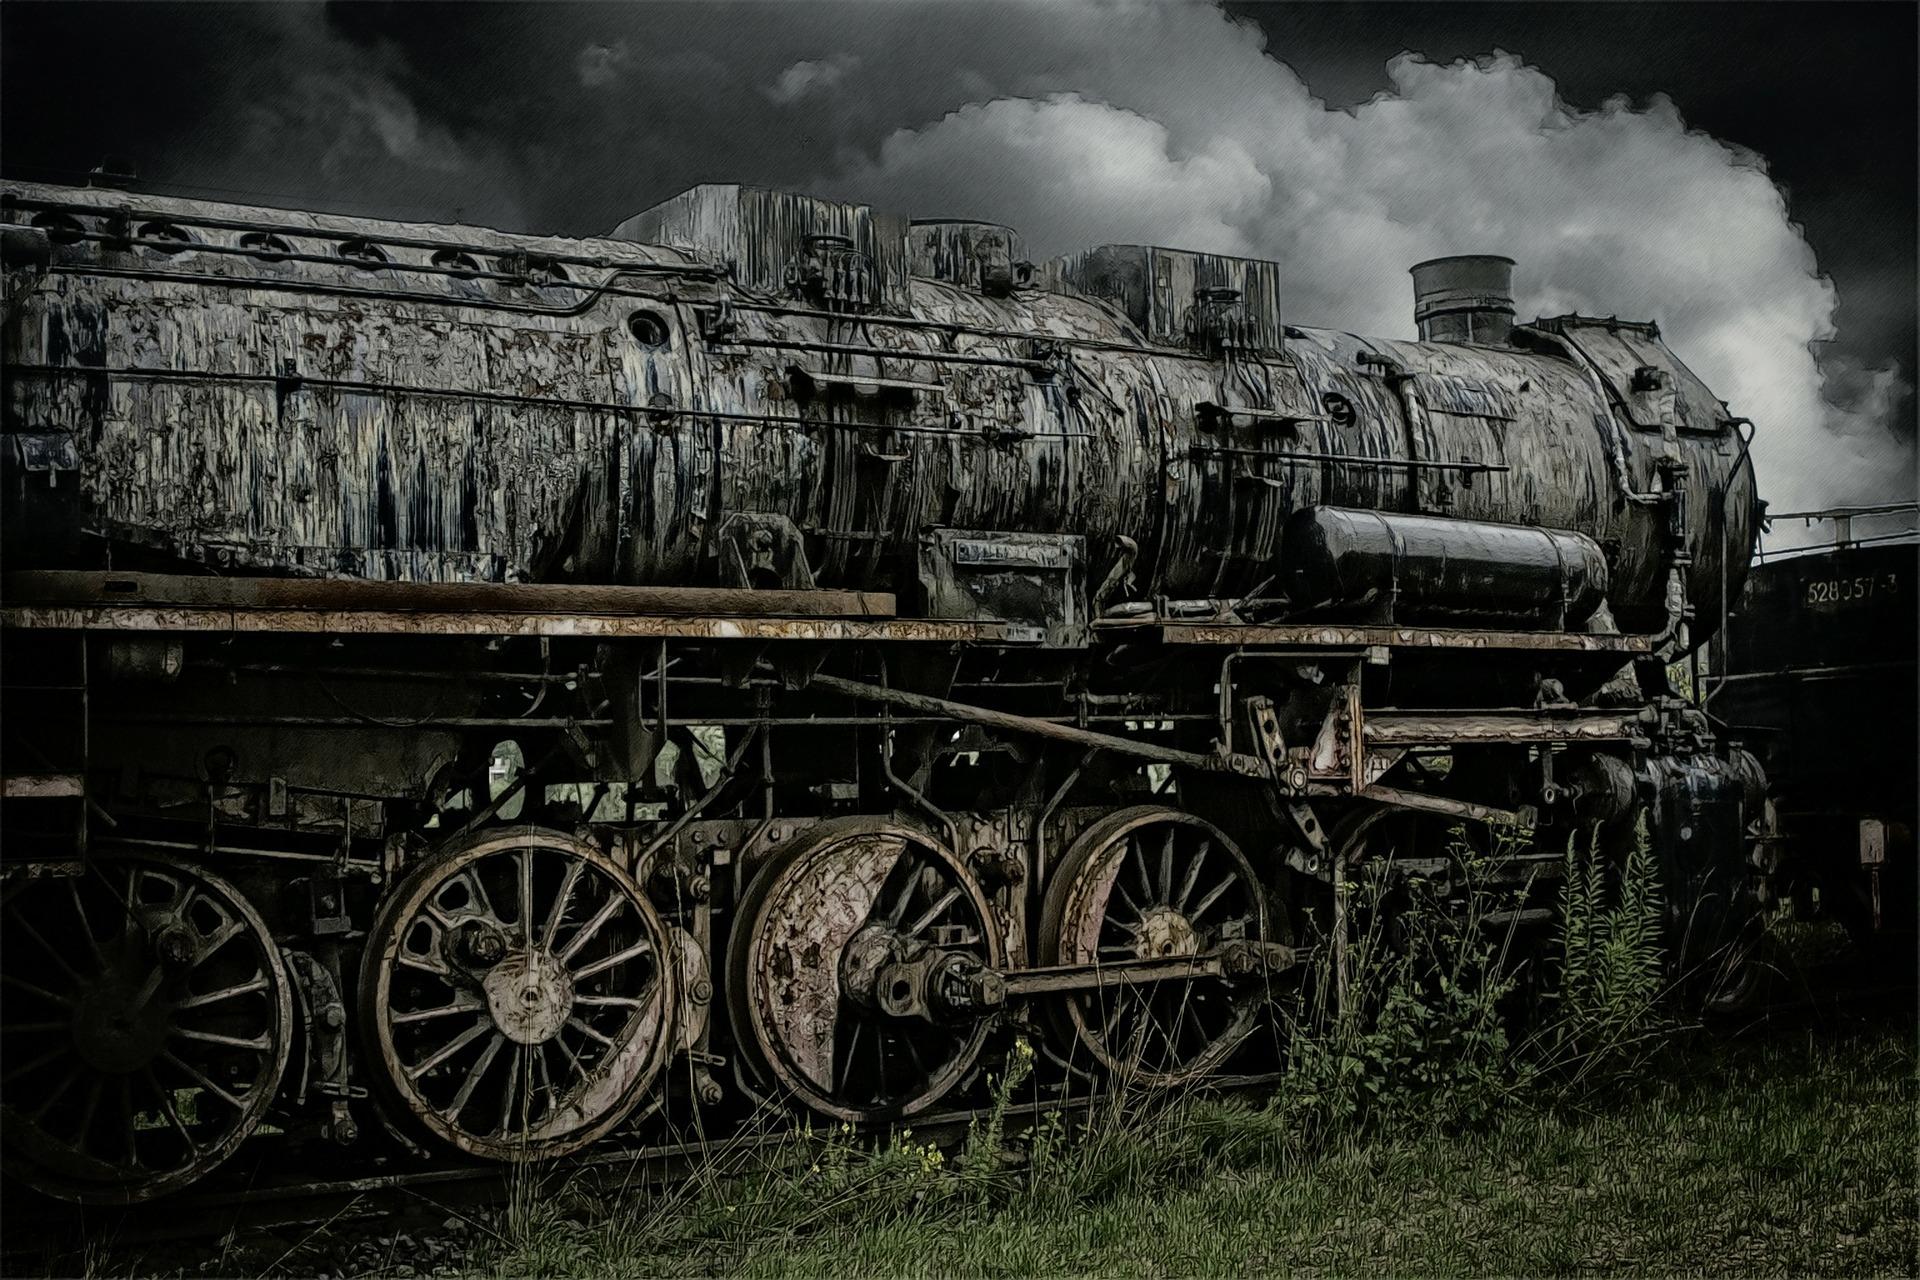 Silverpilen, il treno fantasma che terrorizza la Svezia